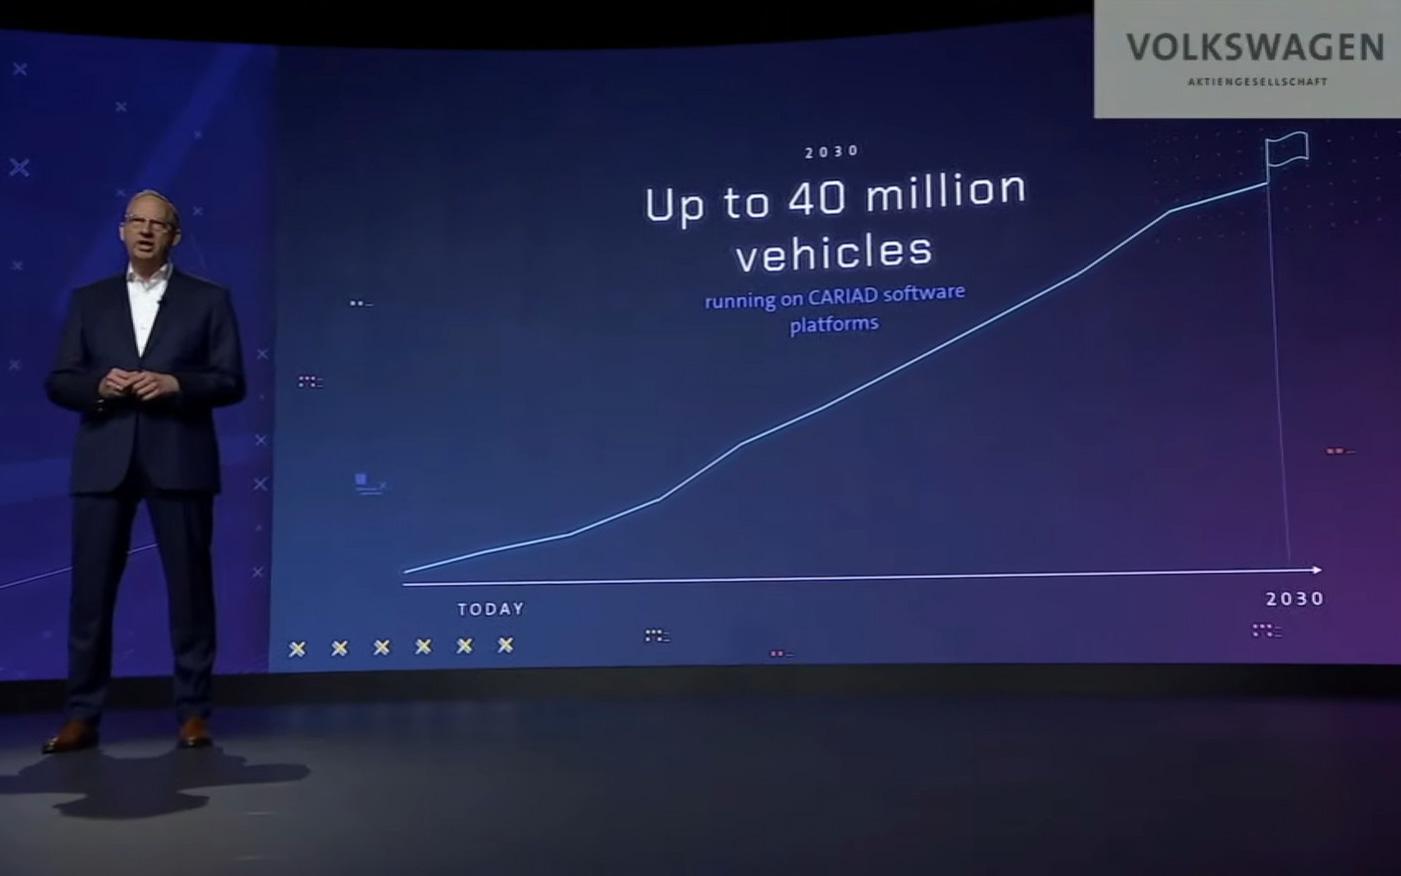 2030年までに4000万台に搭載される計画